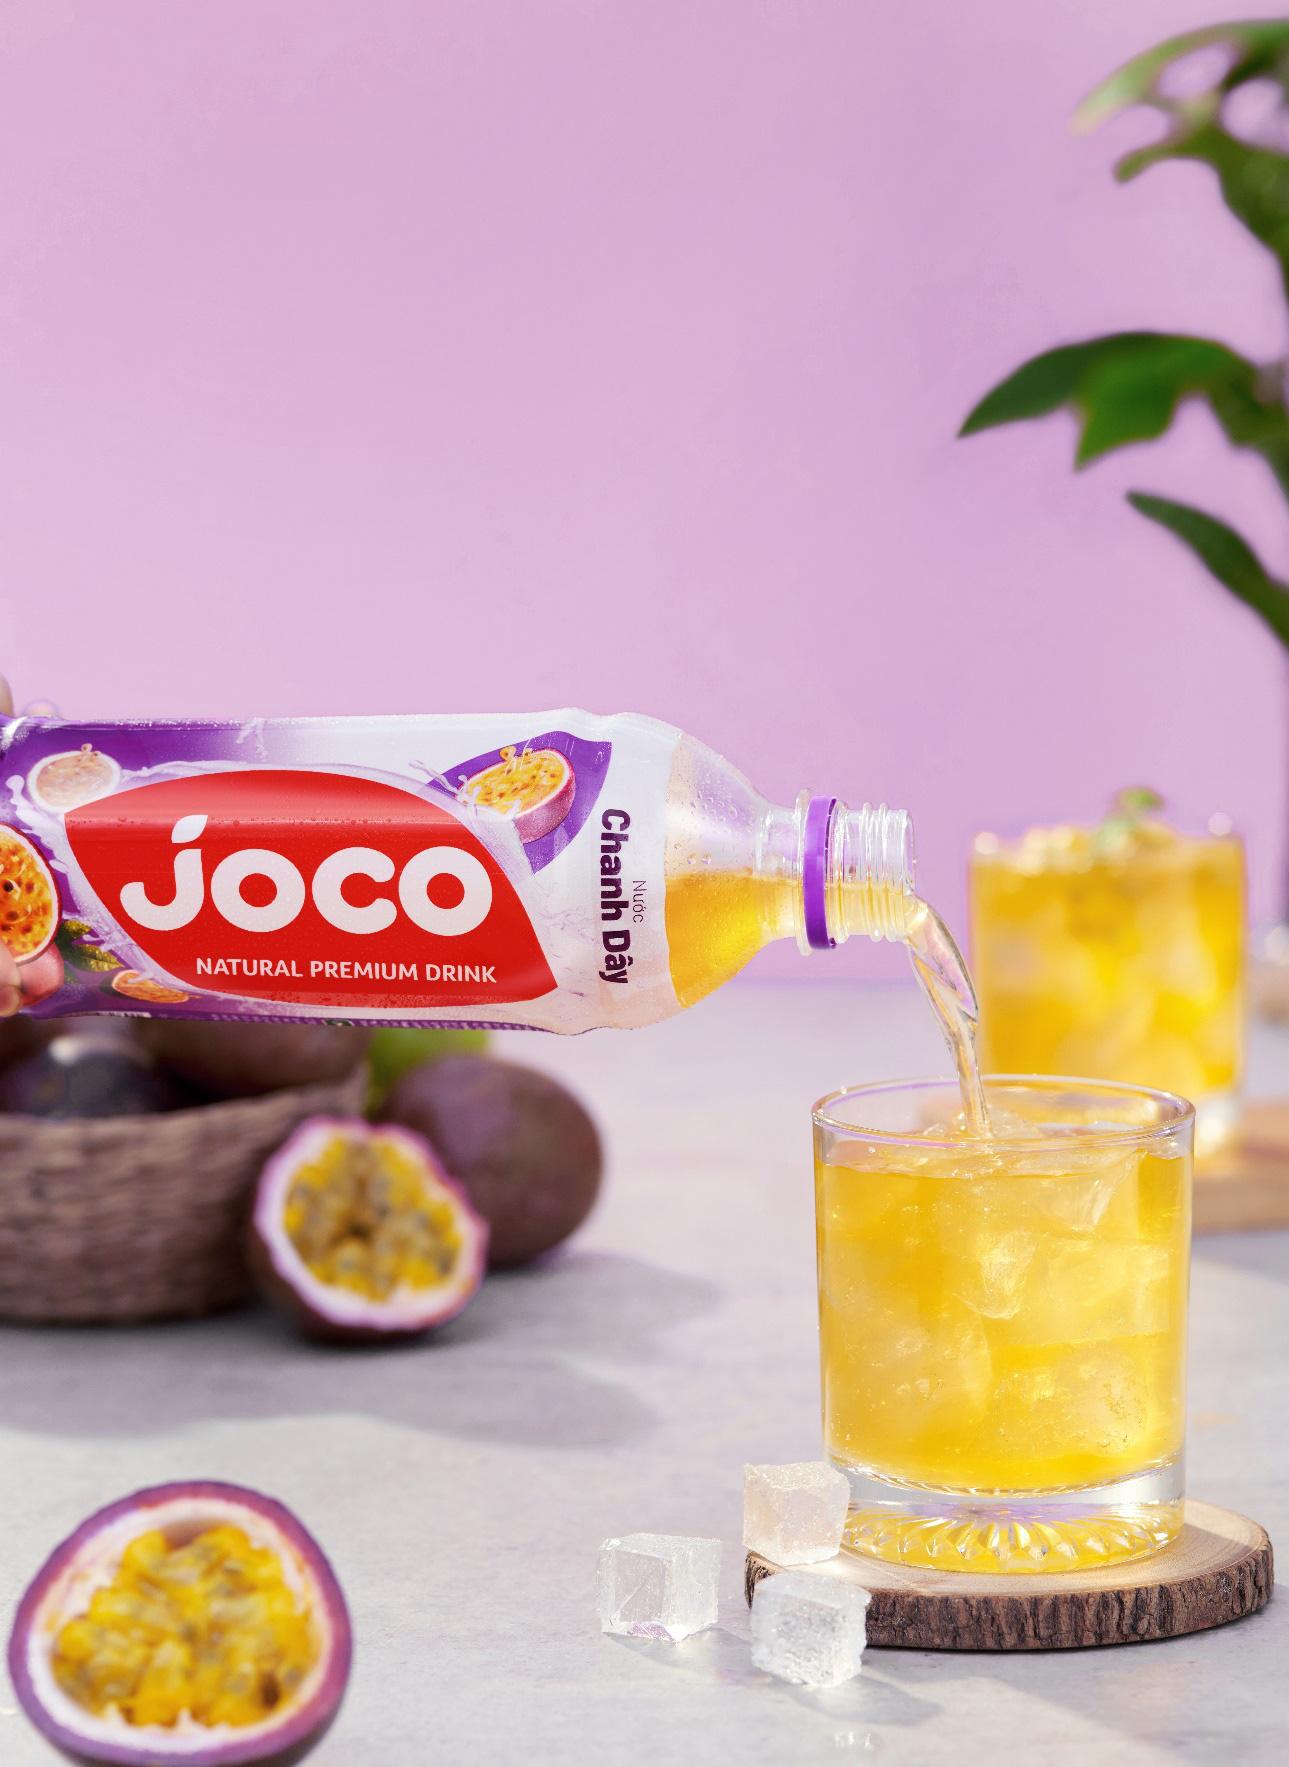 UNIBEN tự tin định nghĩa lại ngành hàng nước trái cây với JOCO vị ngon sáng tạo - Ảnh 3.